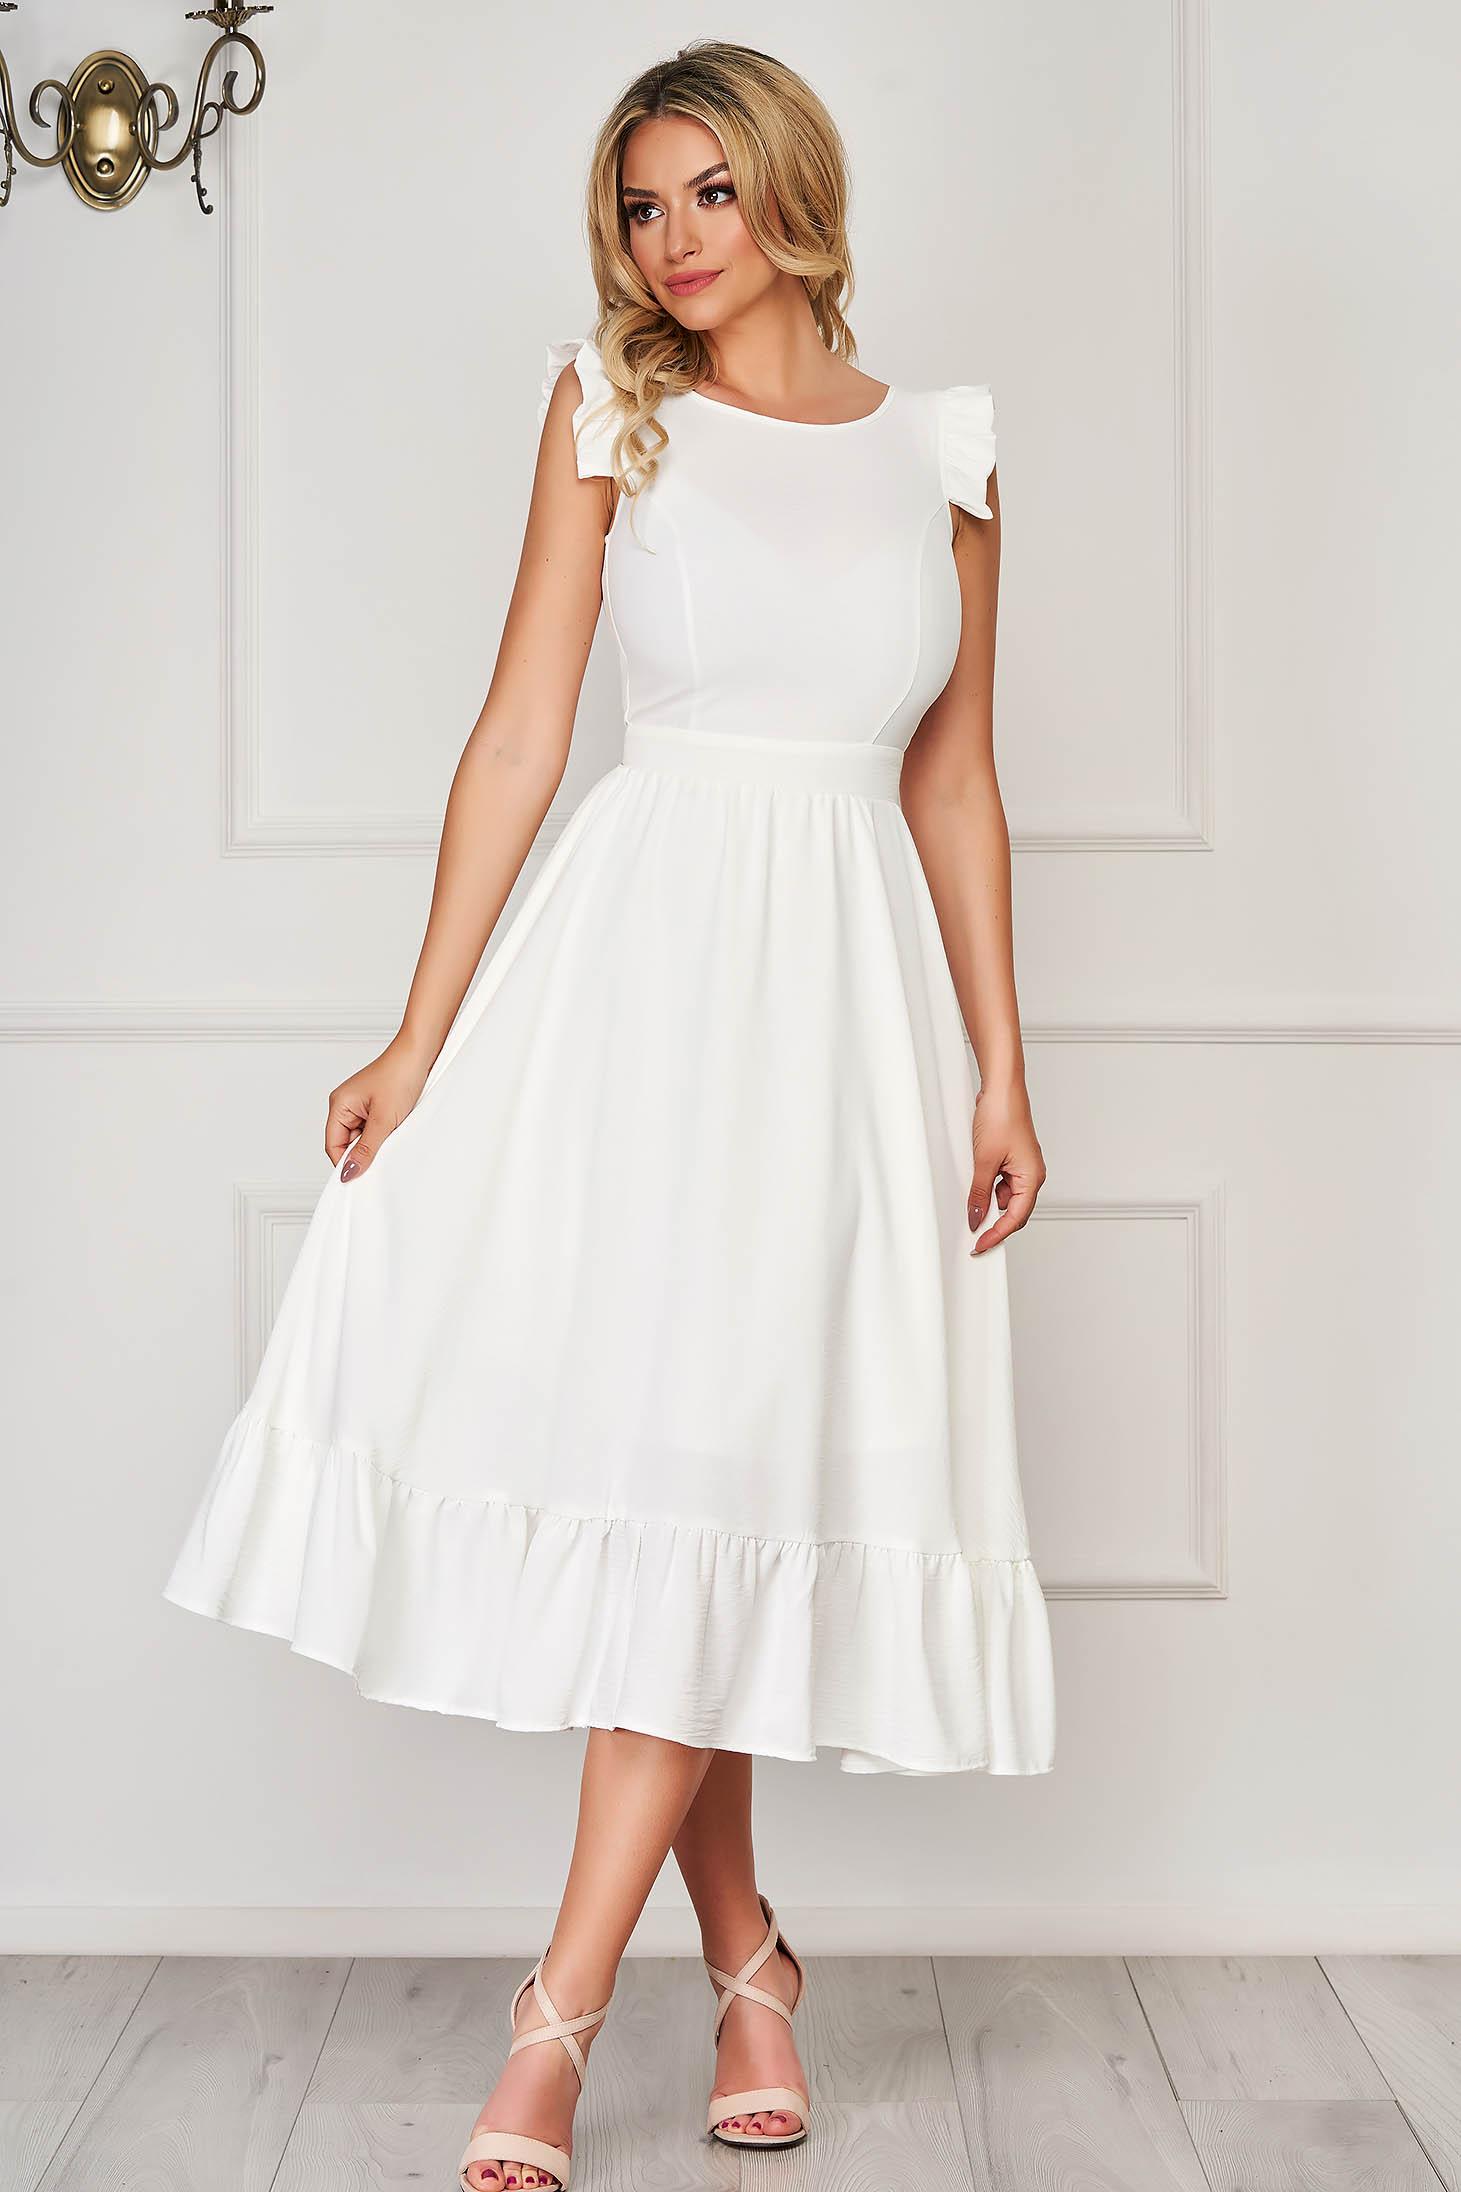 Fehér StarShinerS elegáns midi ruha szövetből